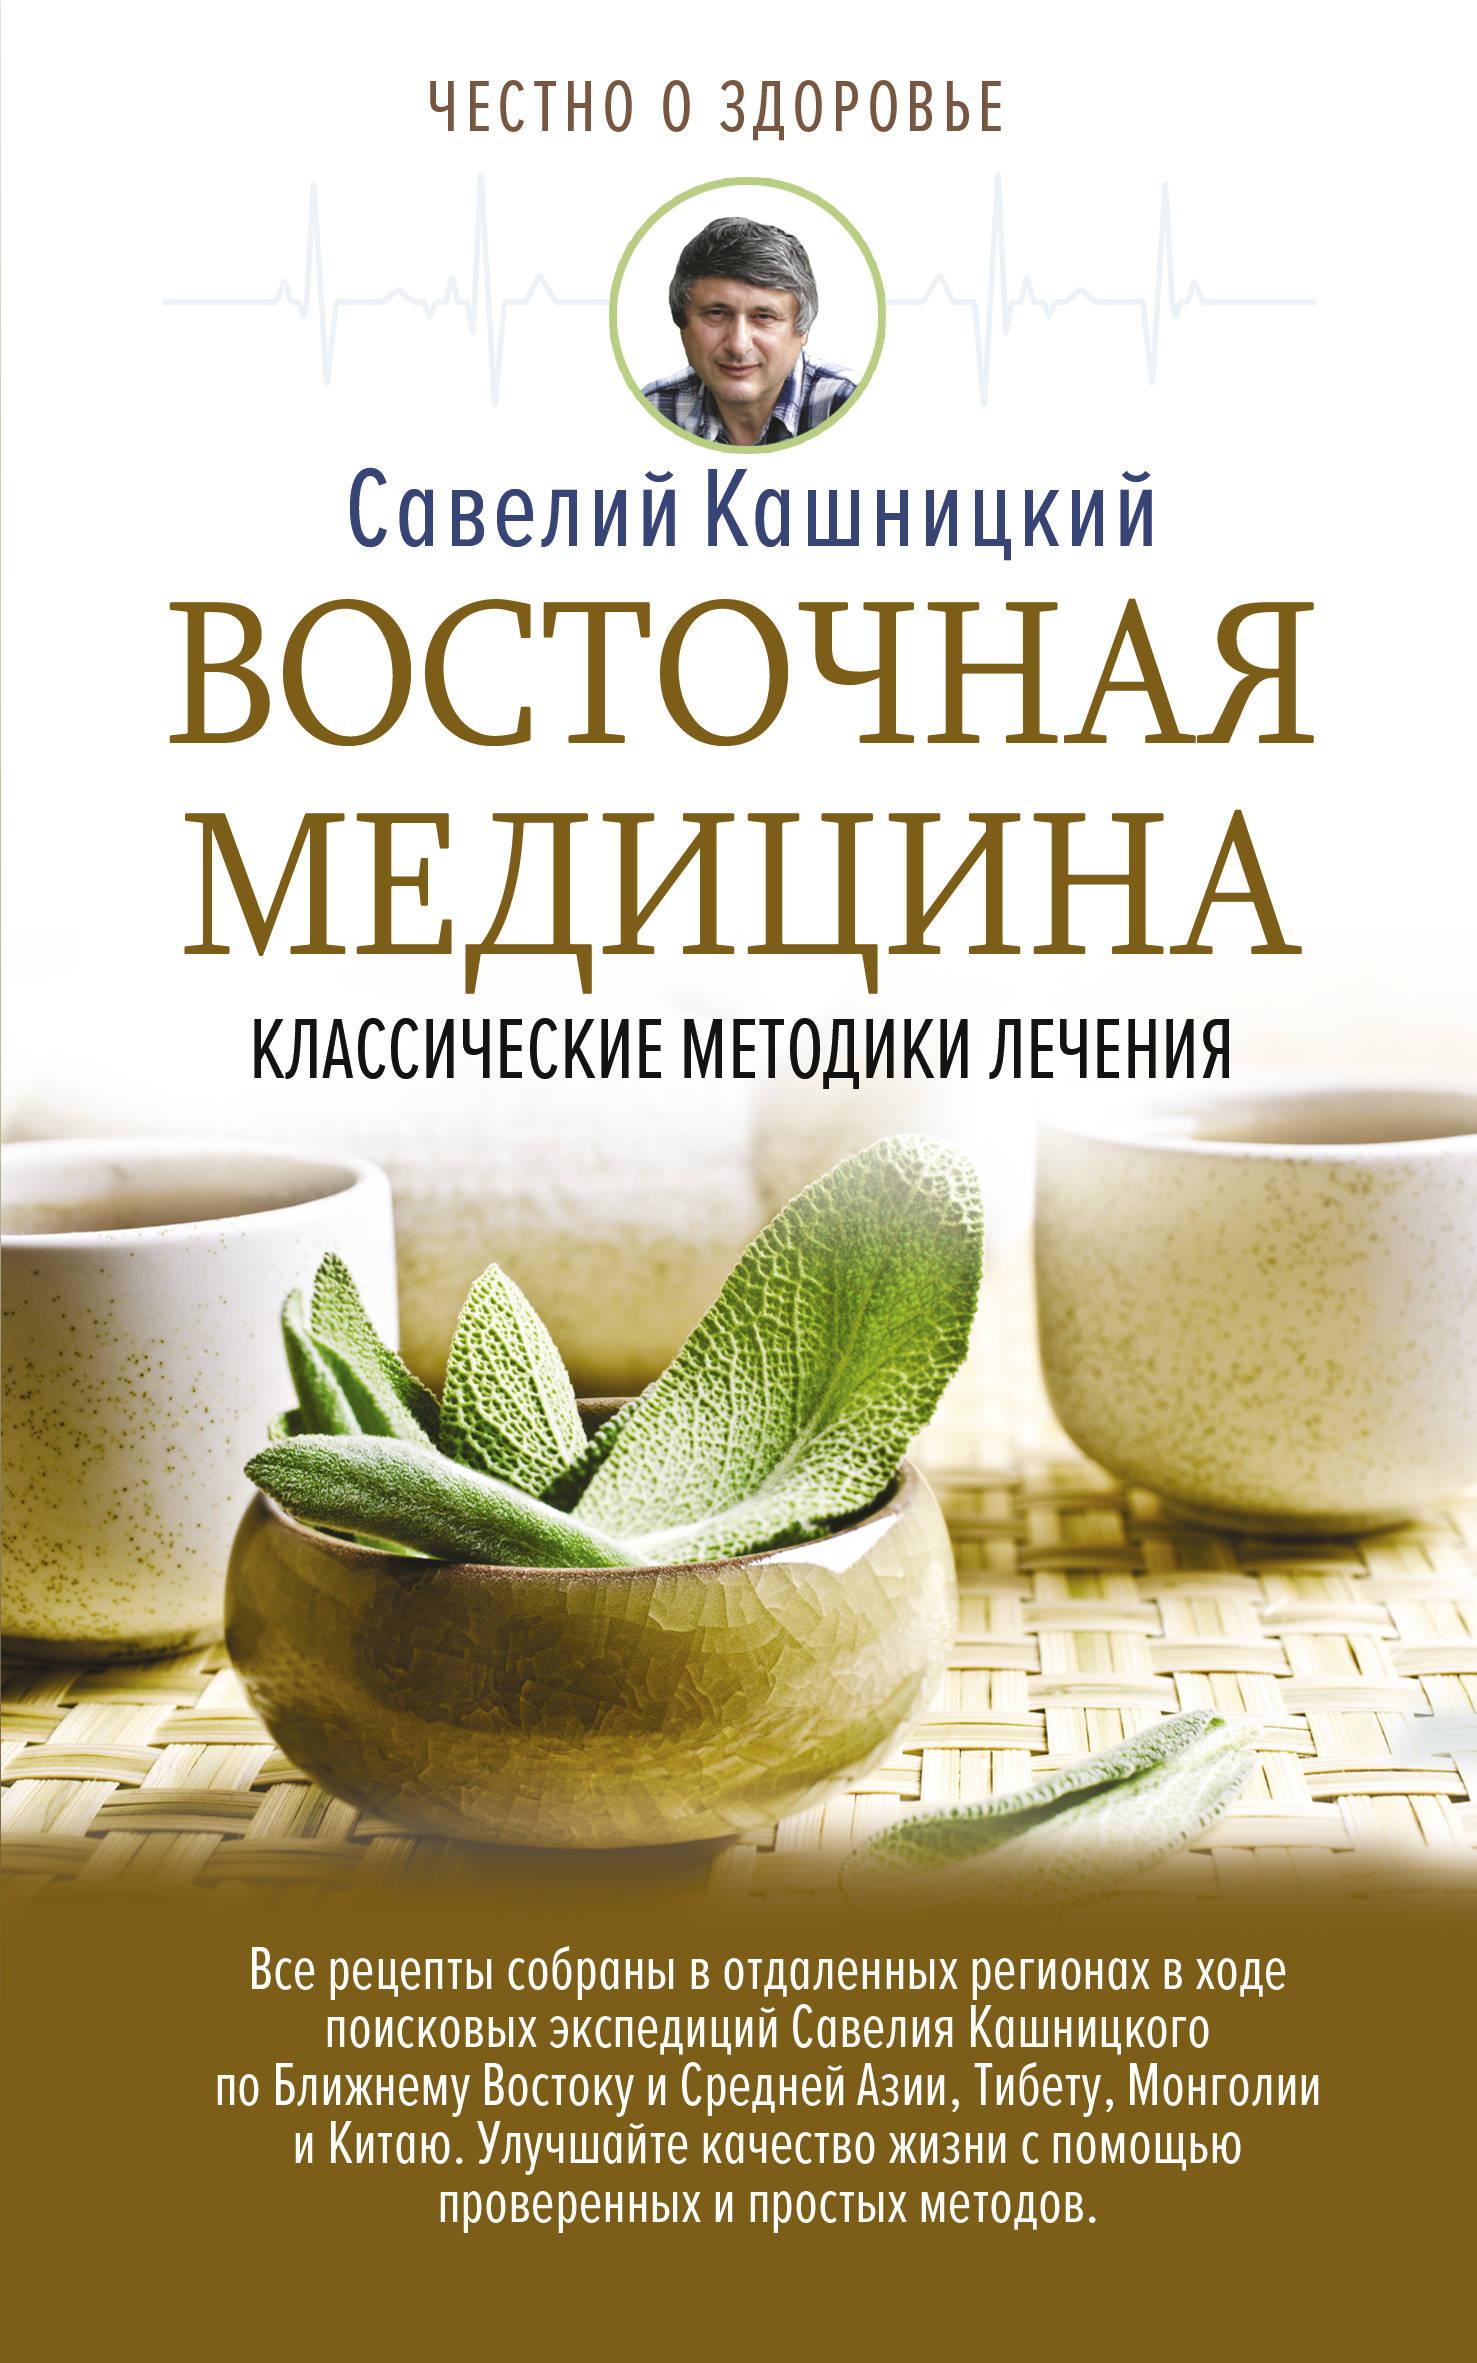 Vostochnaja meditsina: klassicheskie metodiki lechenija